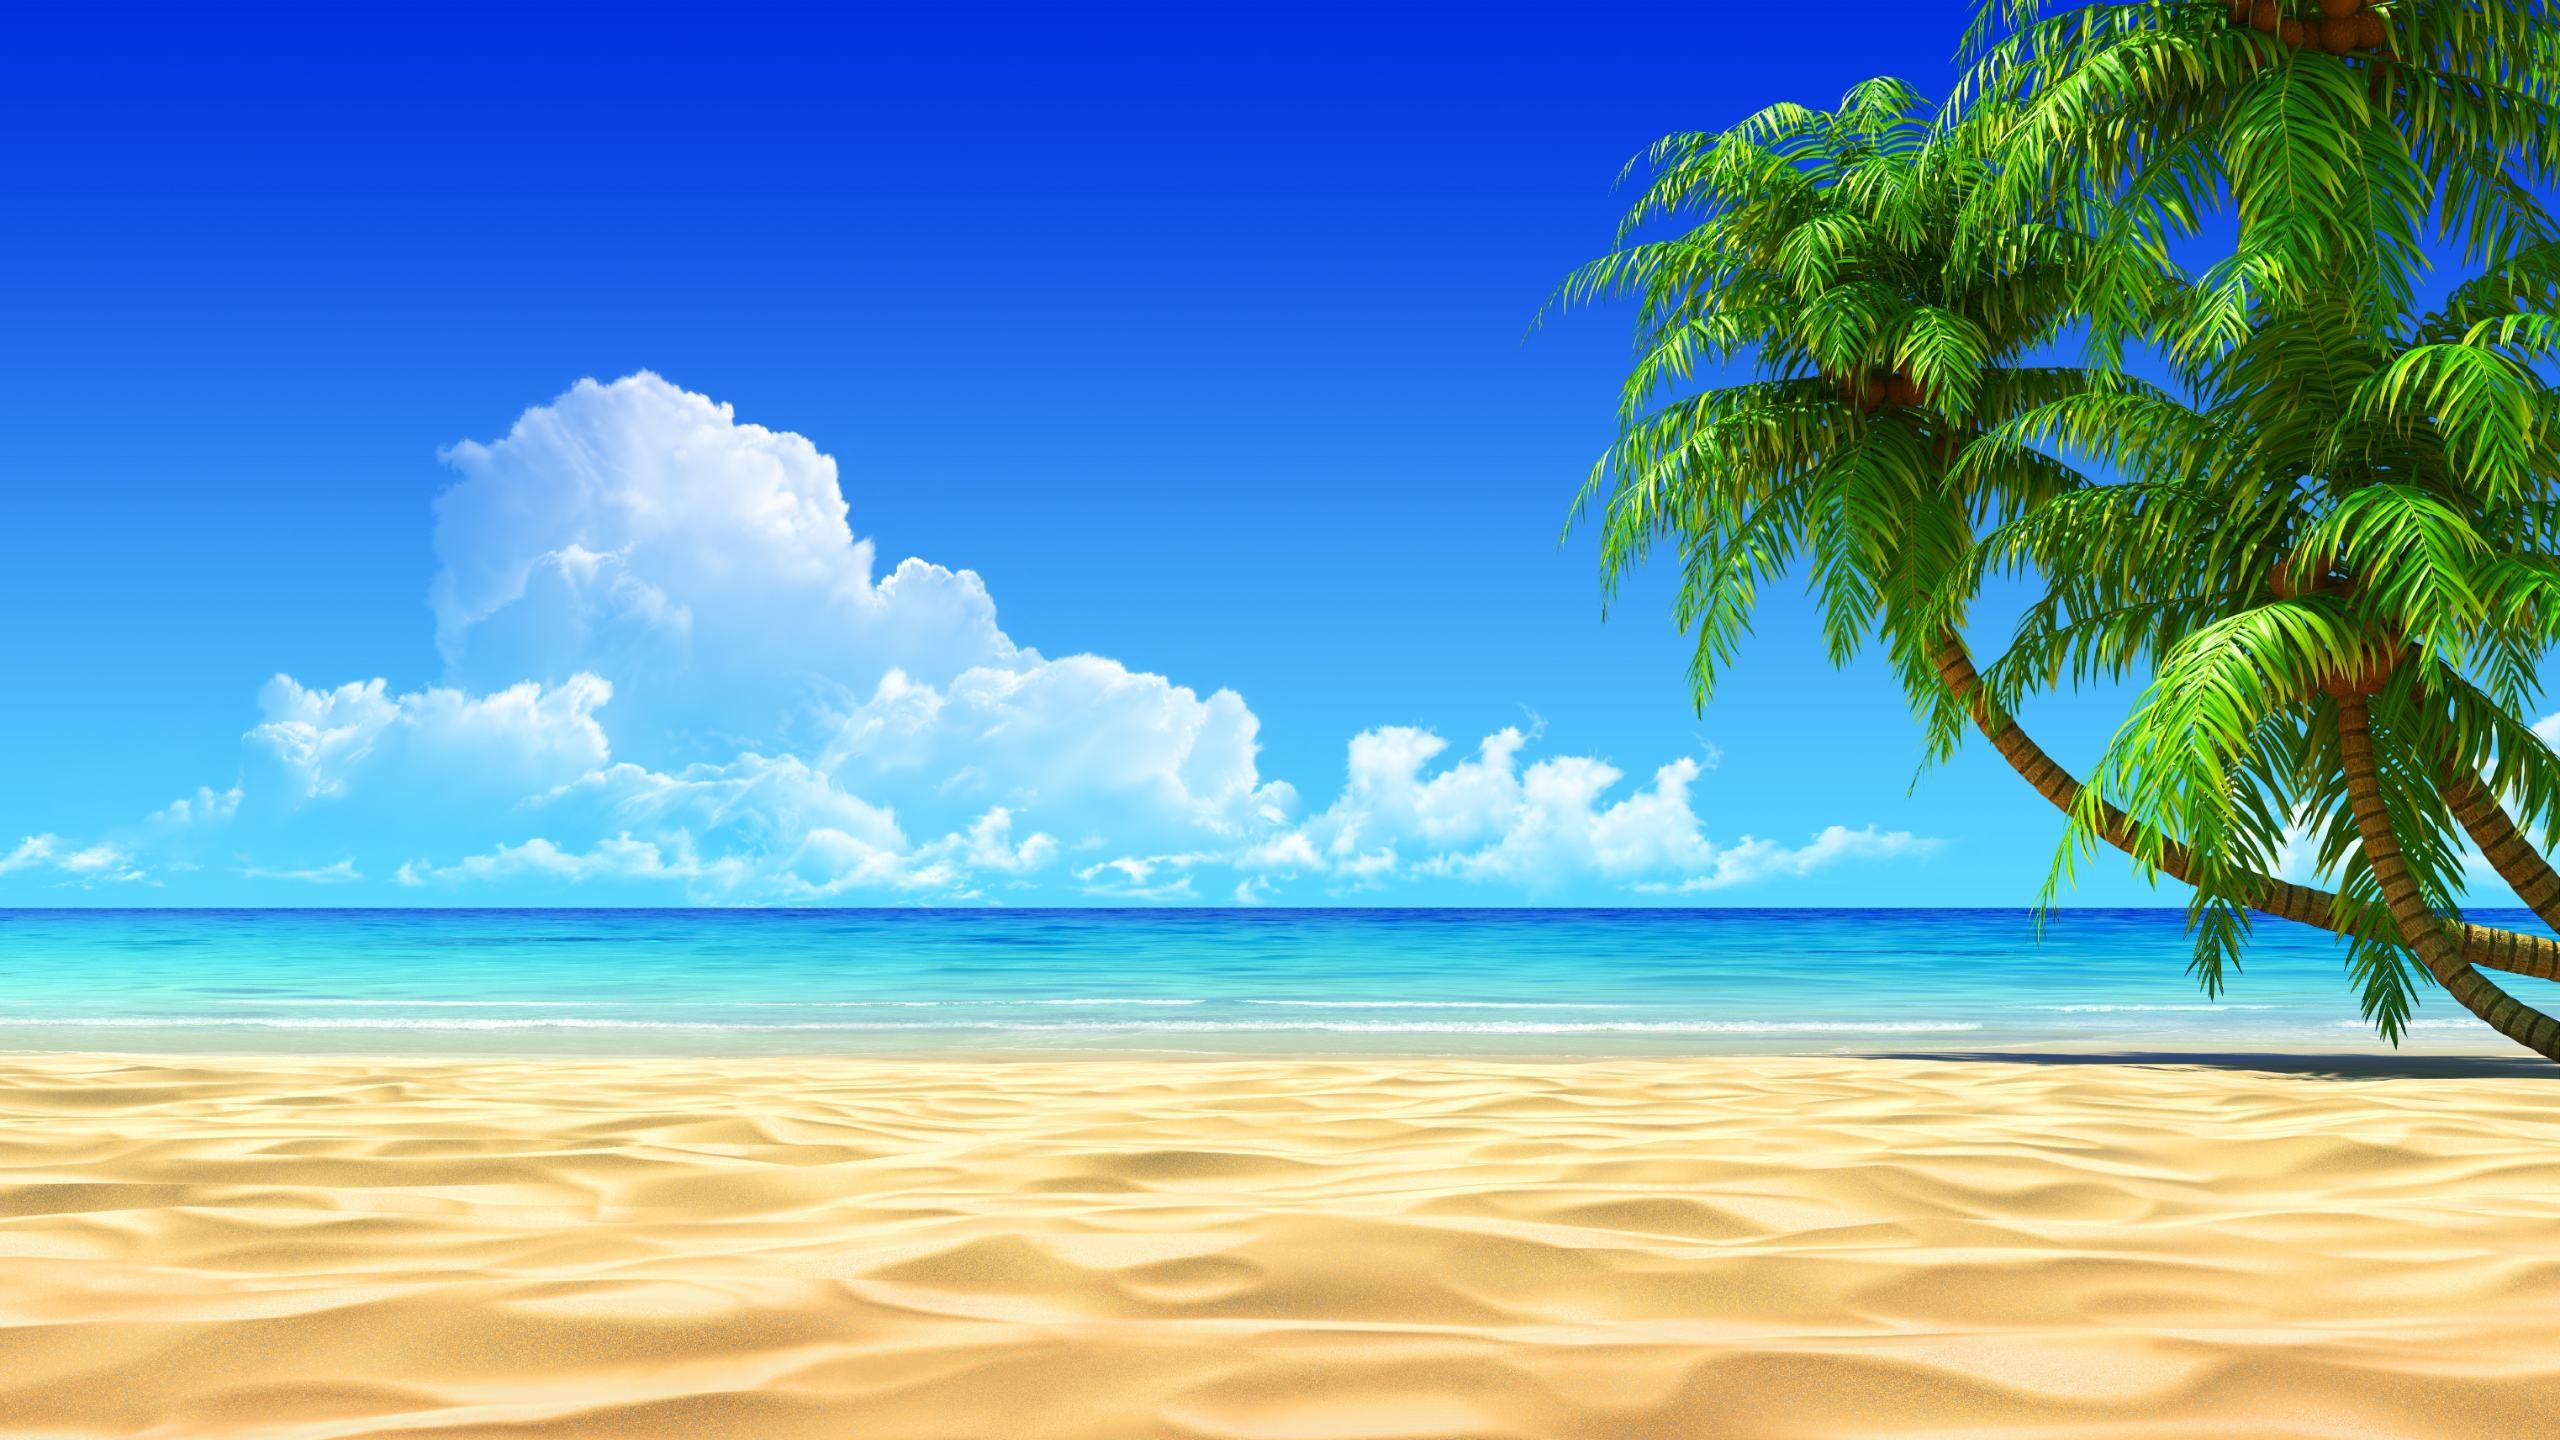 Beach island clipart 2.